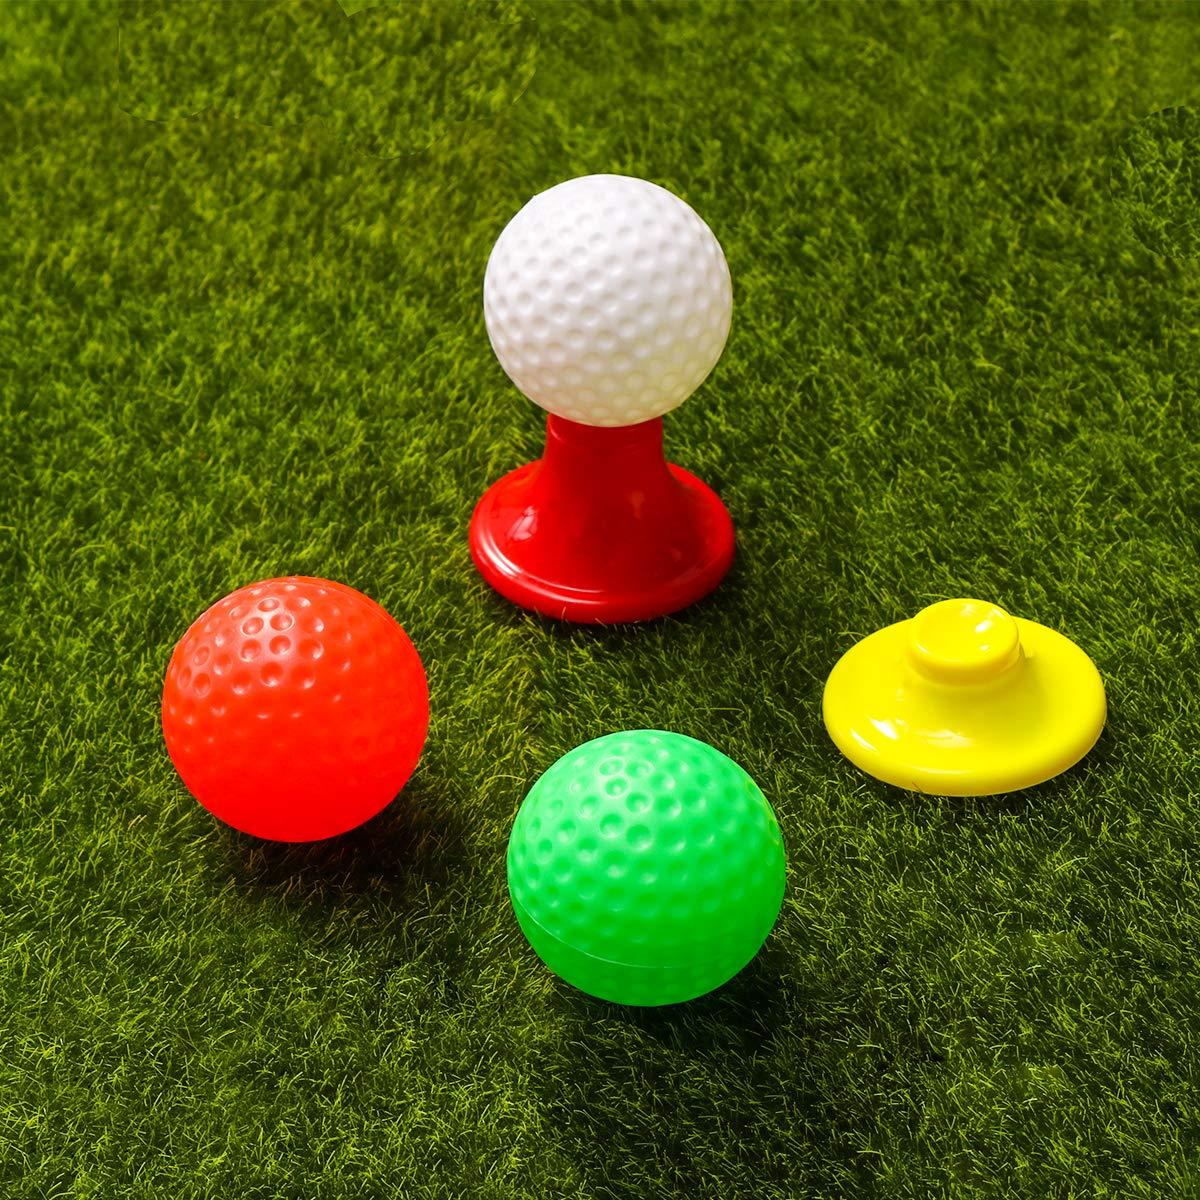 Amazon.com: LIOOBO - Juego de juguetes de golf de plástico ...